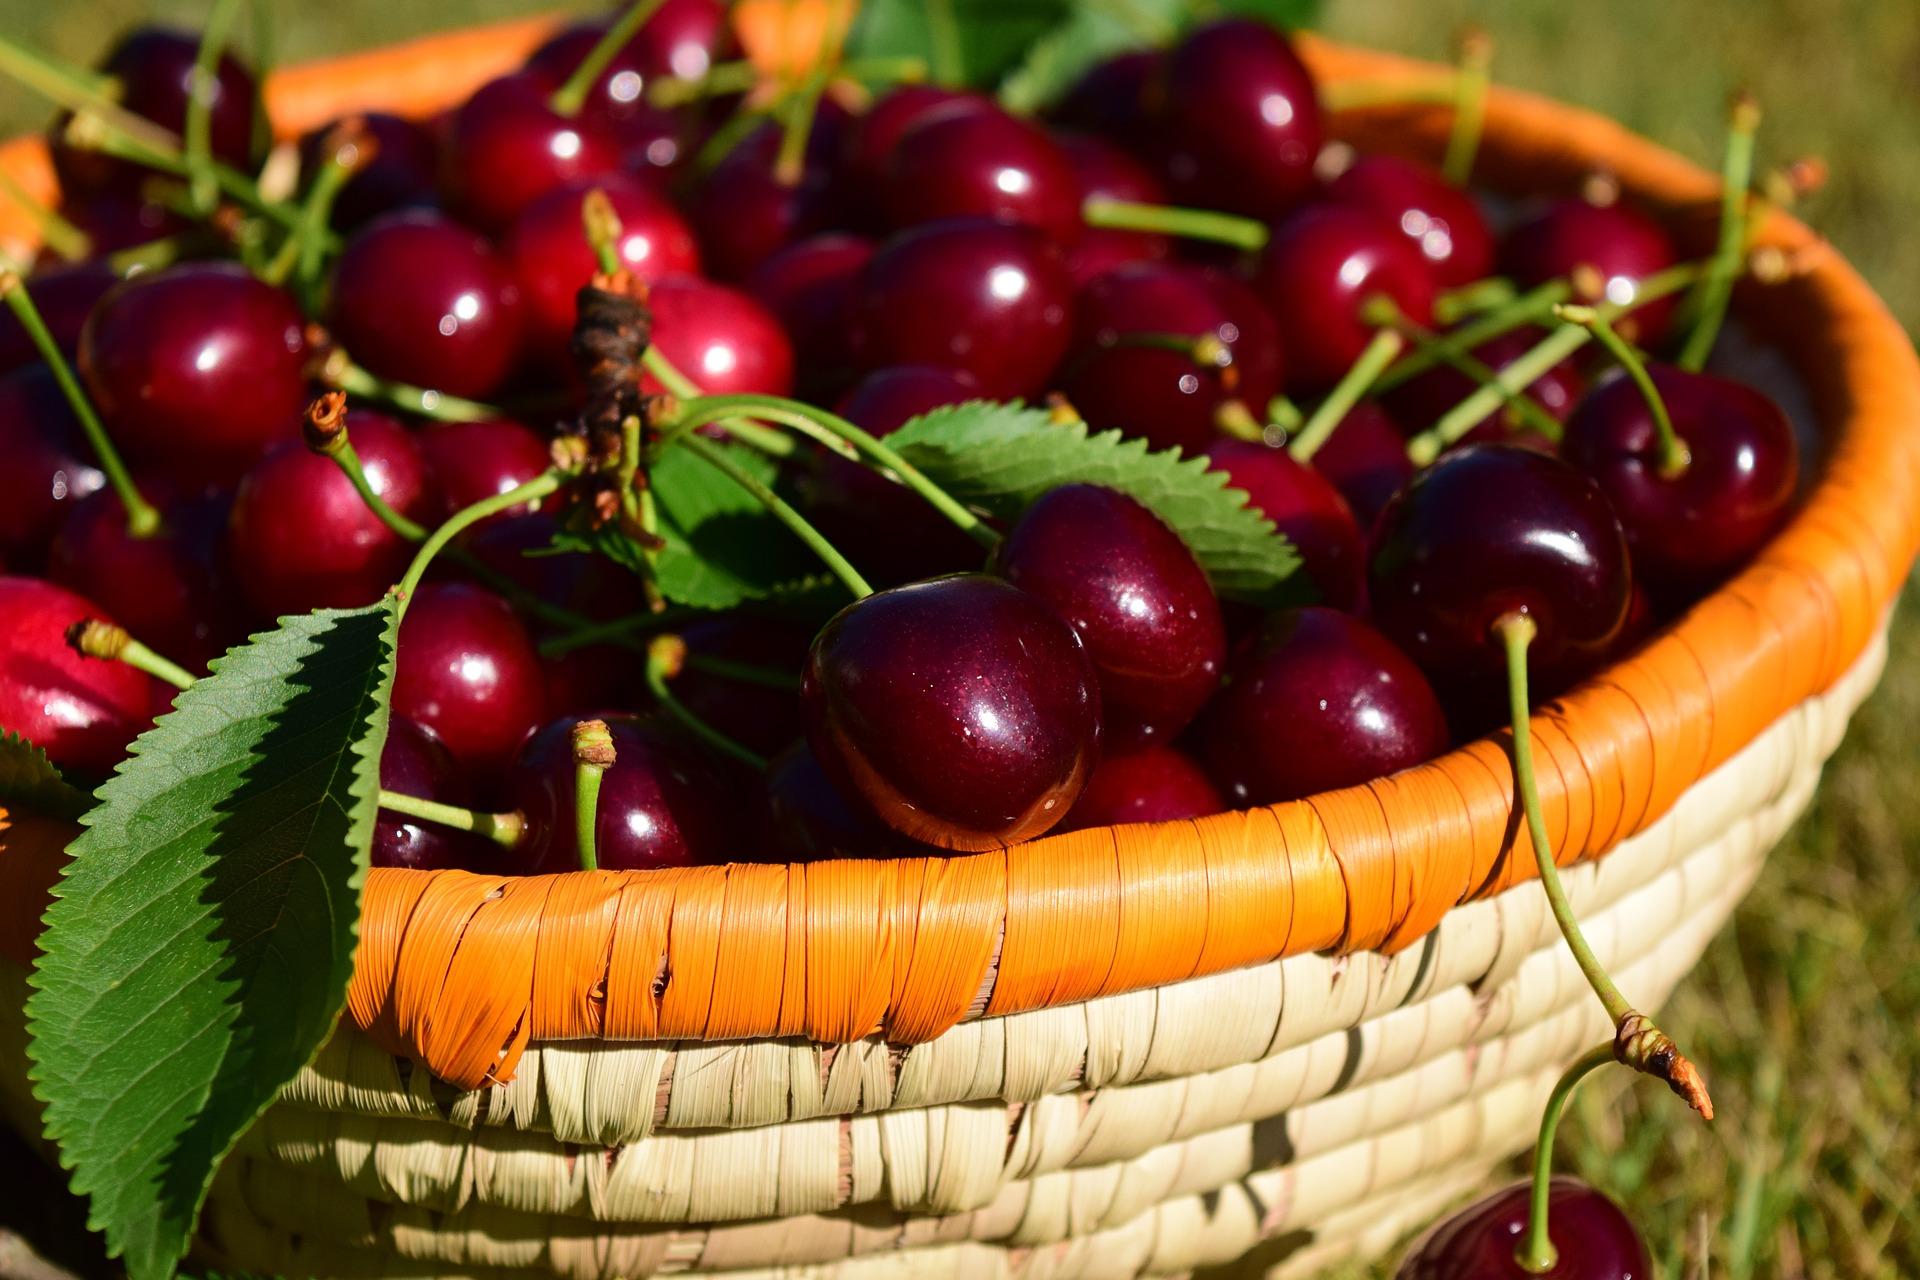 Україна і Молдова матимуть шанс збільшити експорт черешні в Італію